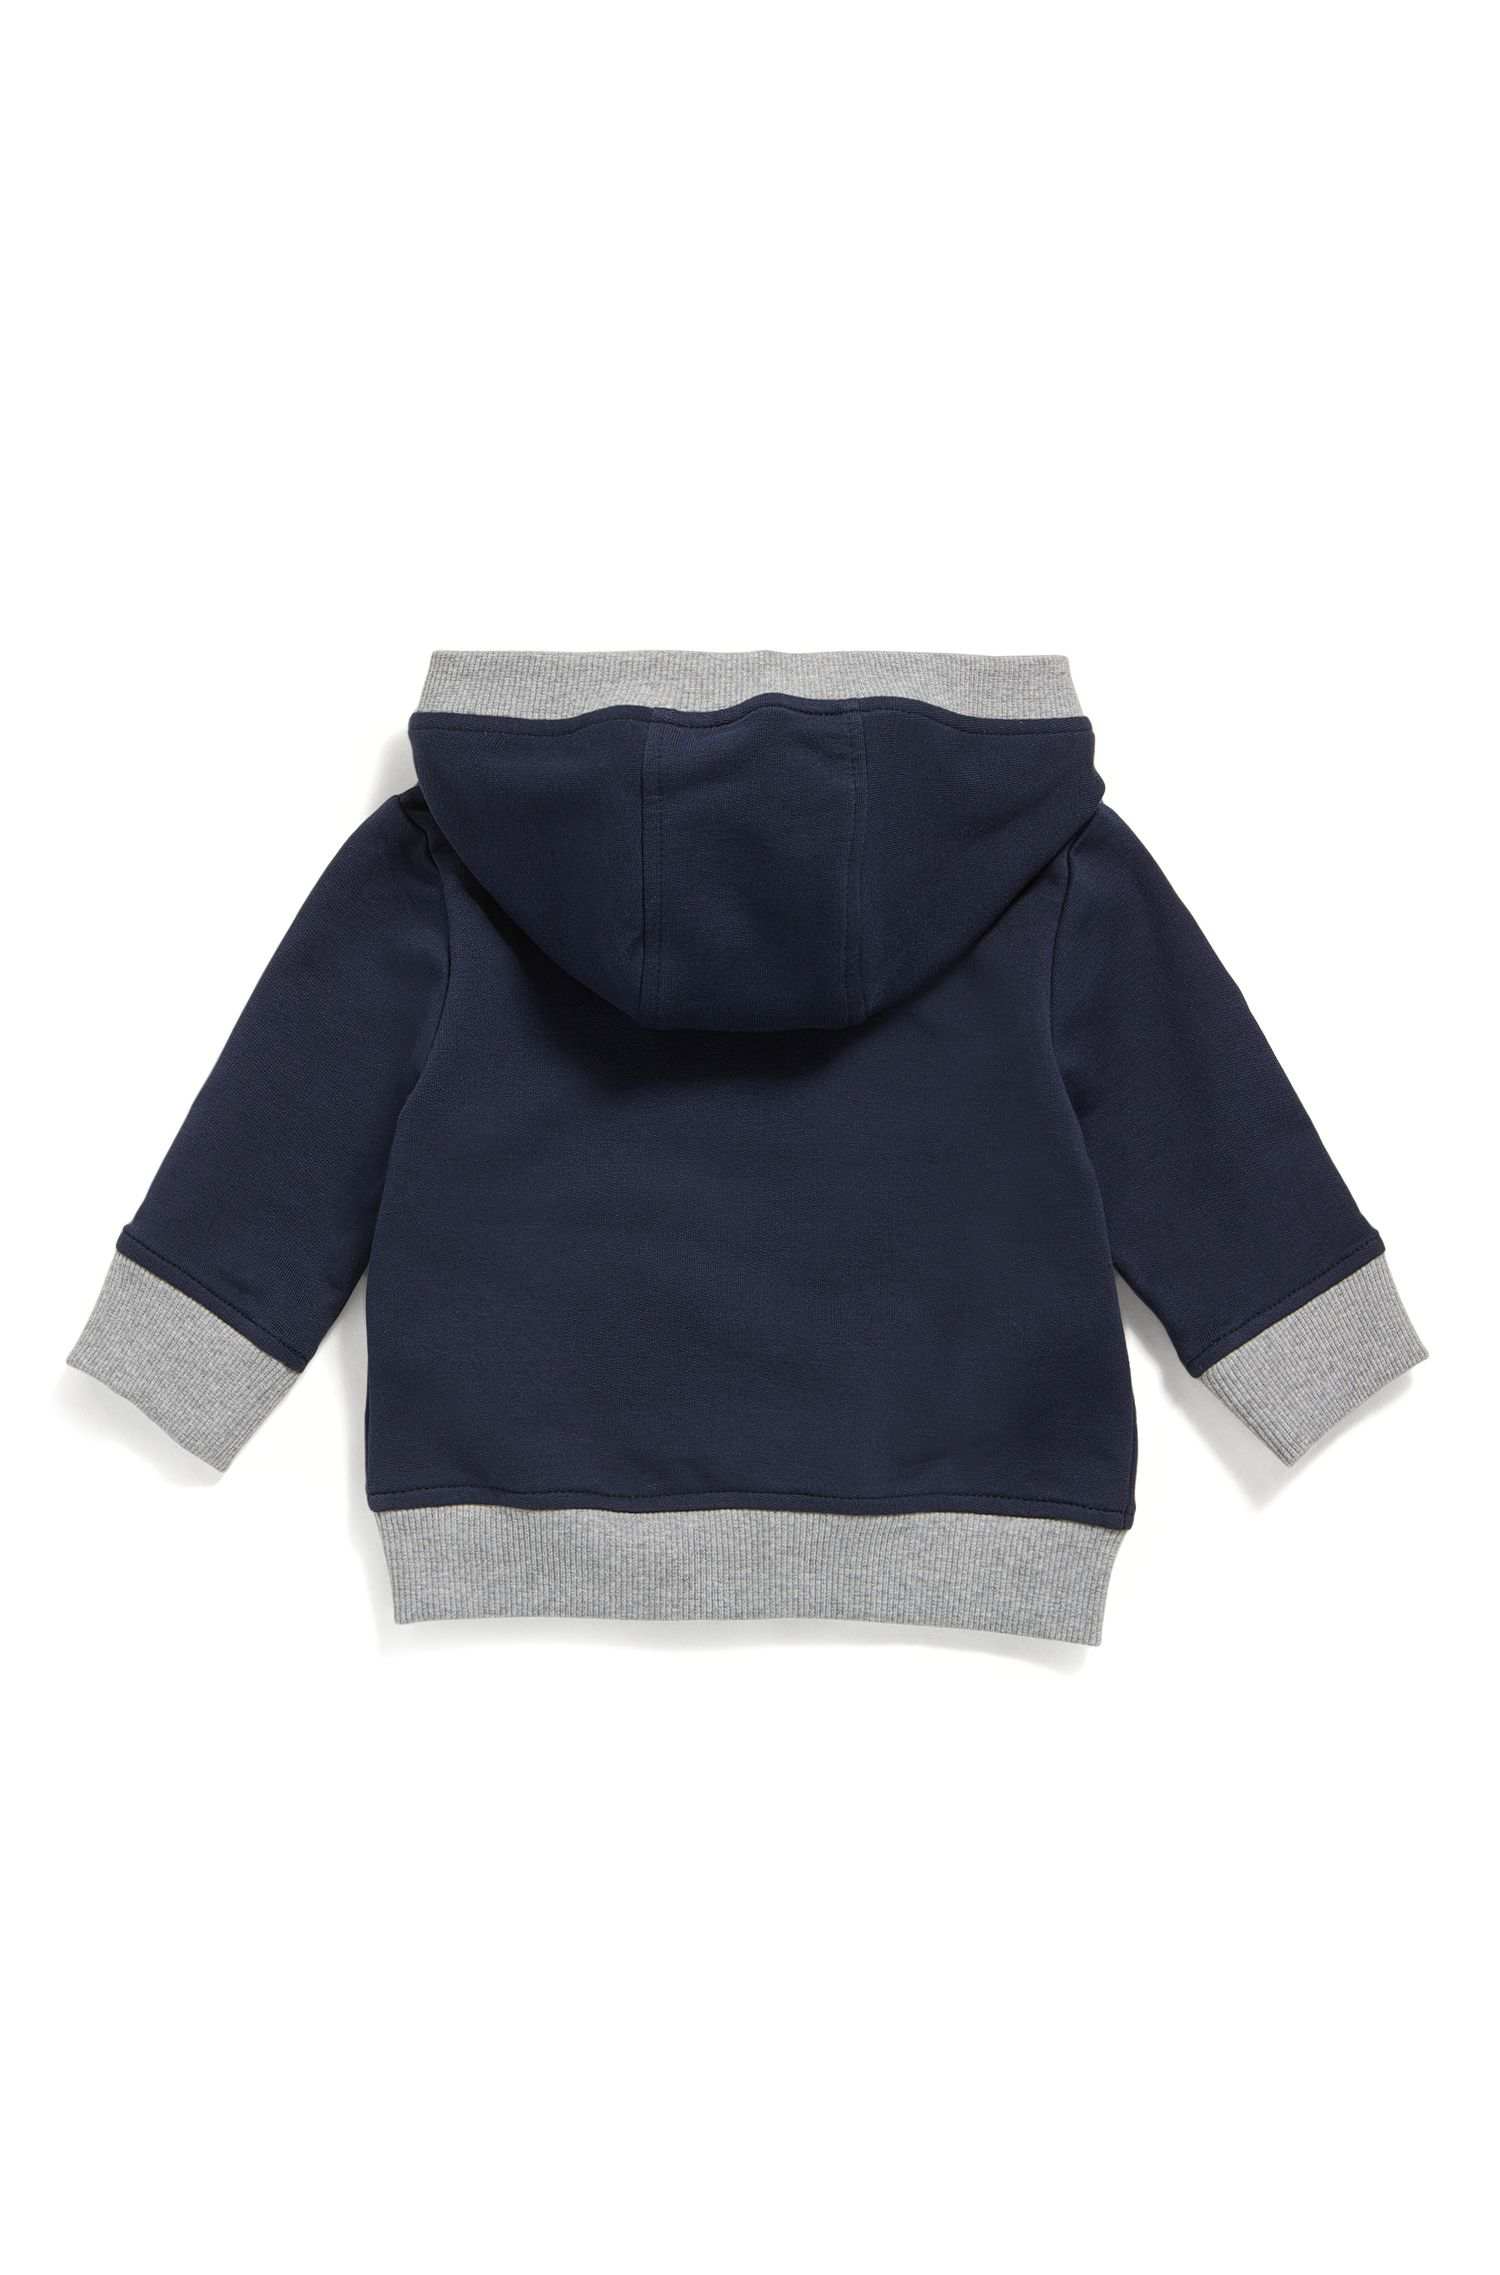 Kindersweatshirt van katoenen fleece met doorlopende ritssluiting